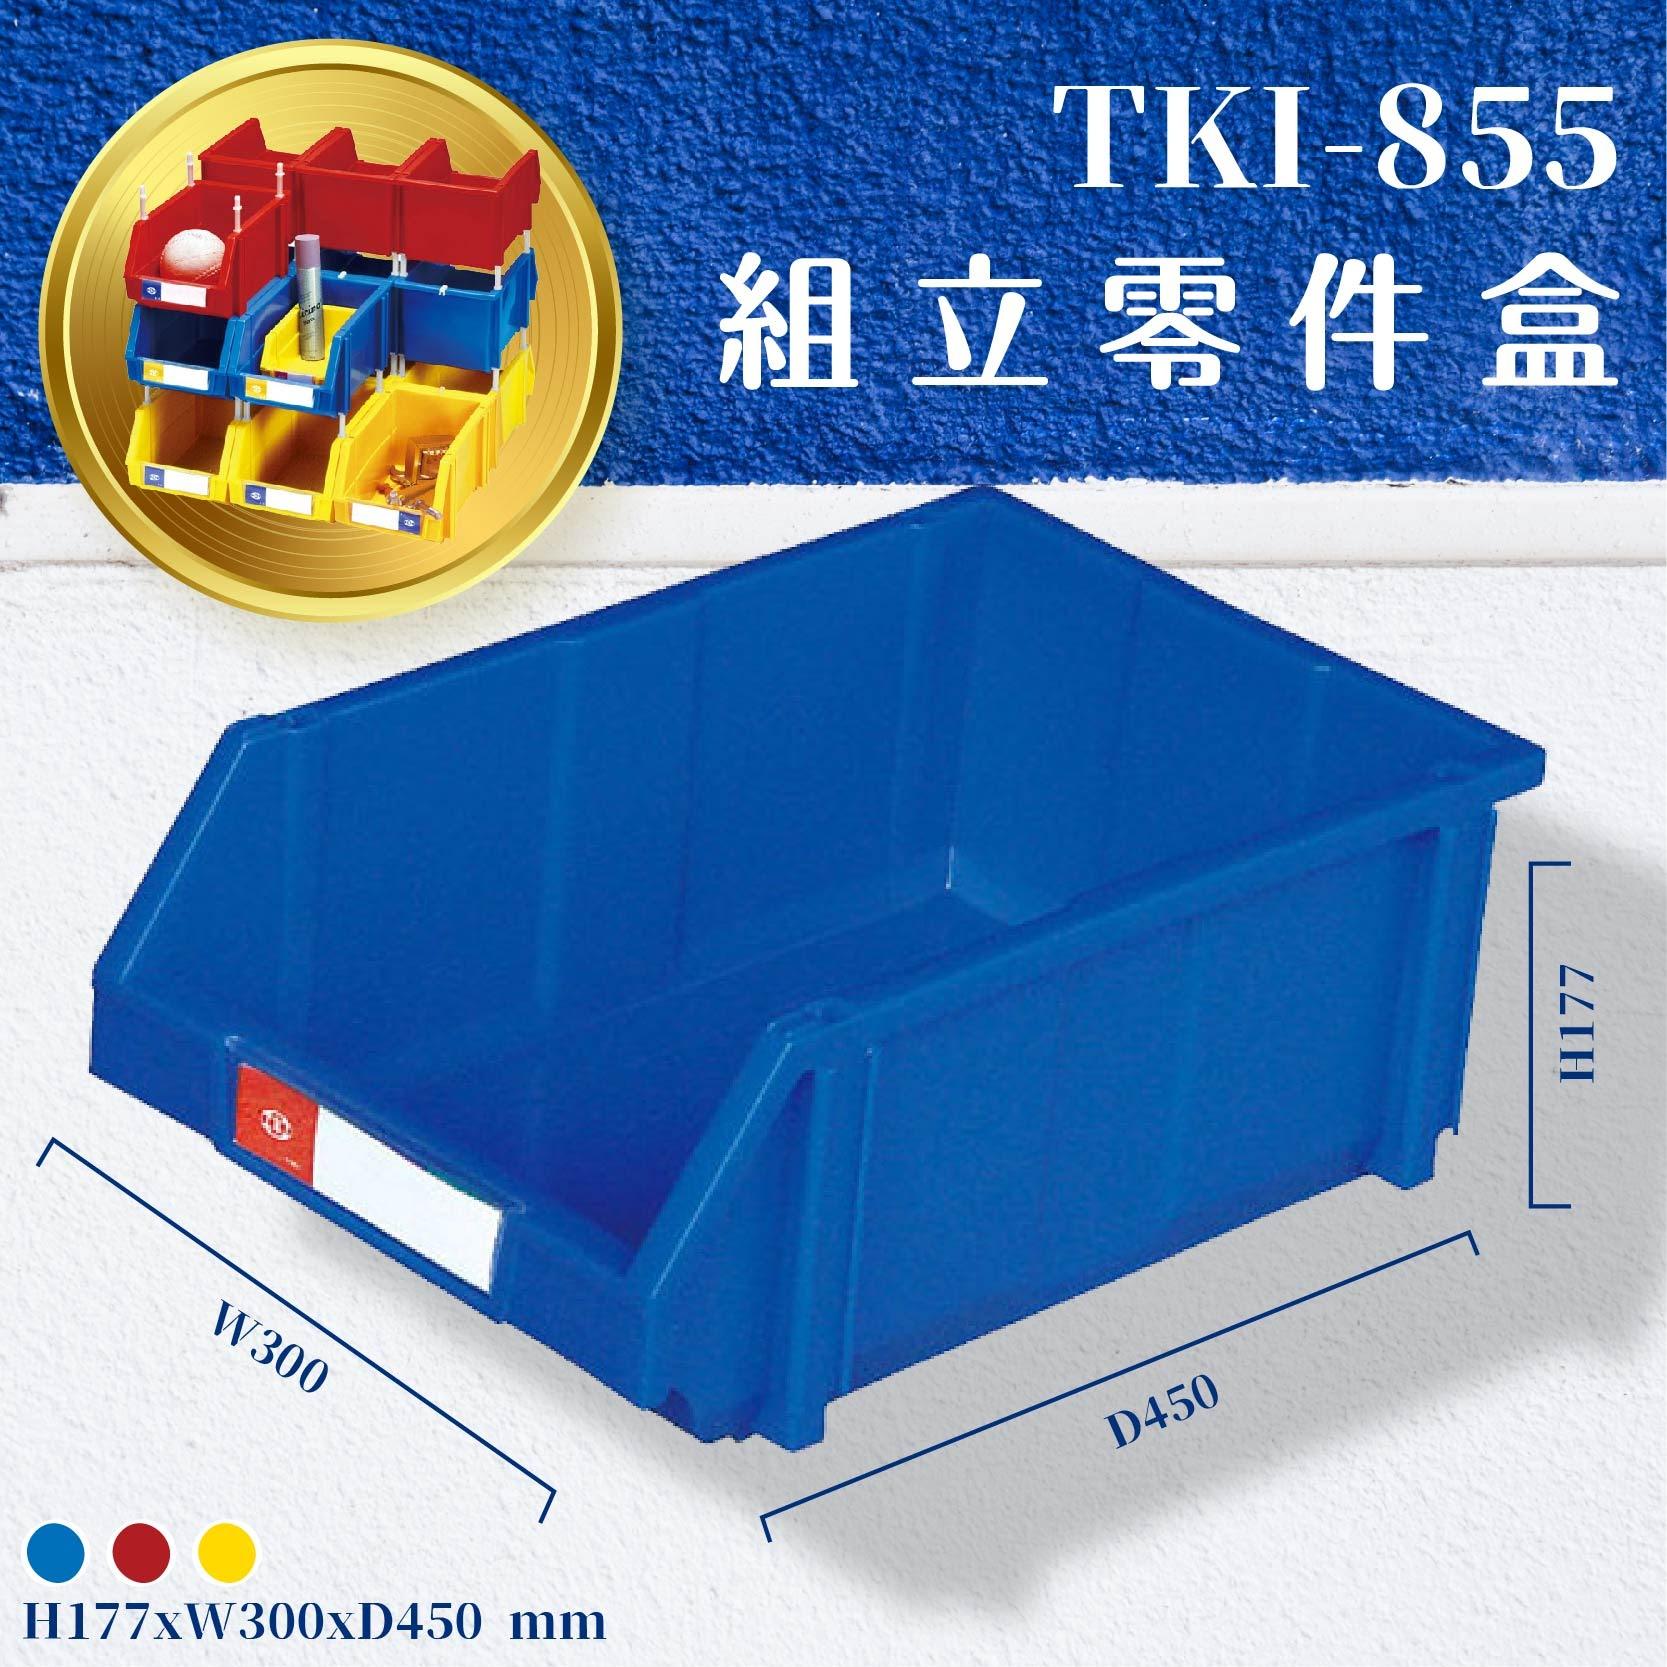 輕鬆收納【天鋼】TKI-855 組立零件盒(藍) 耐衝擊 整理盒 工具盒 分類盒 收納盒 零件 工廠 車廠